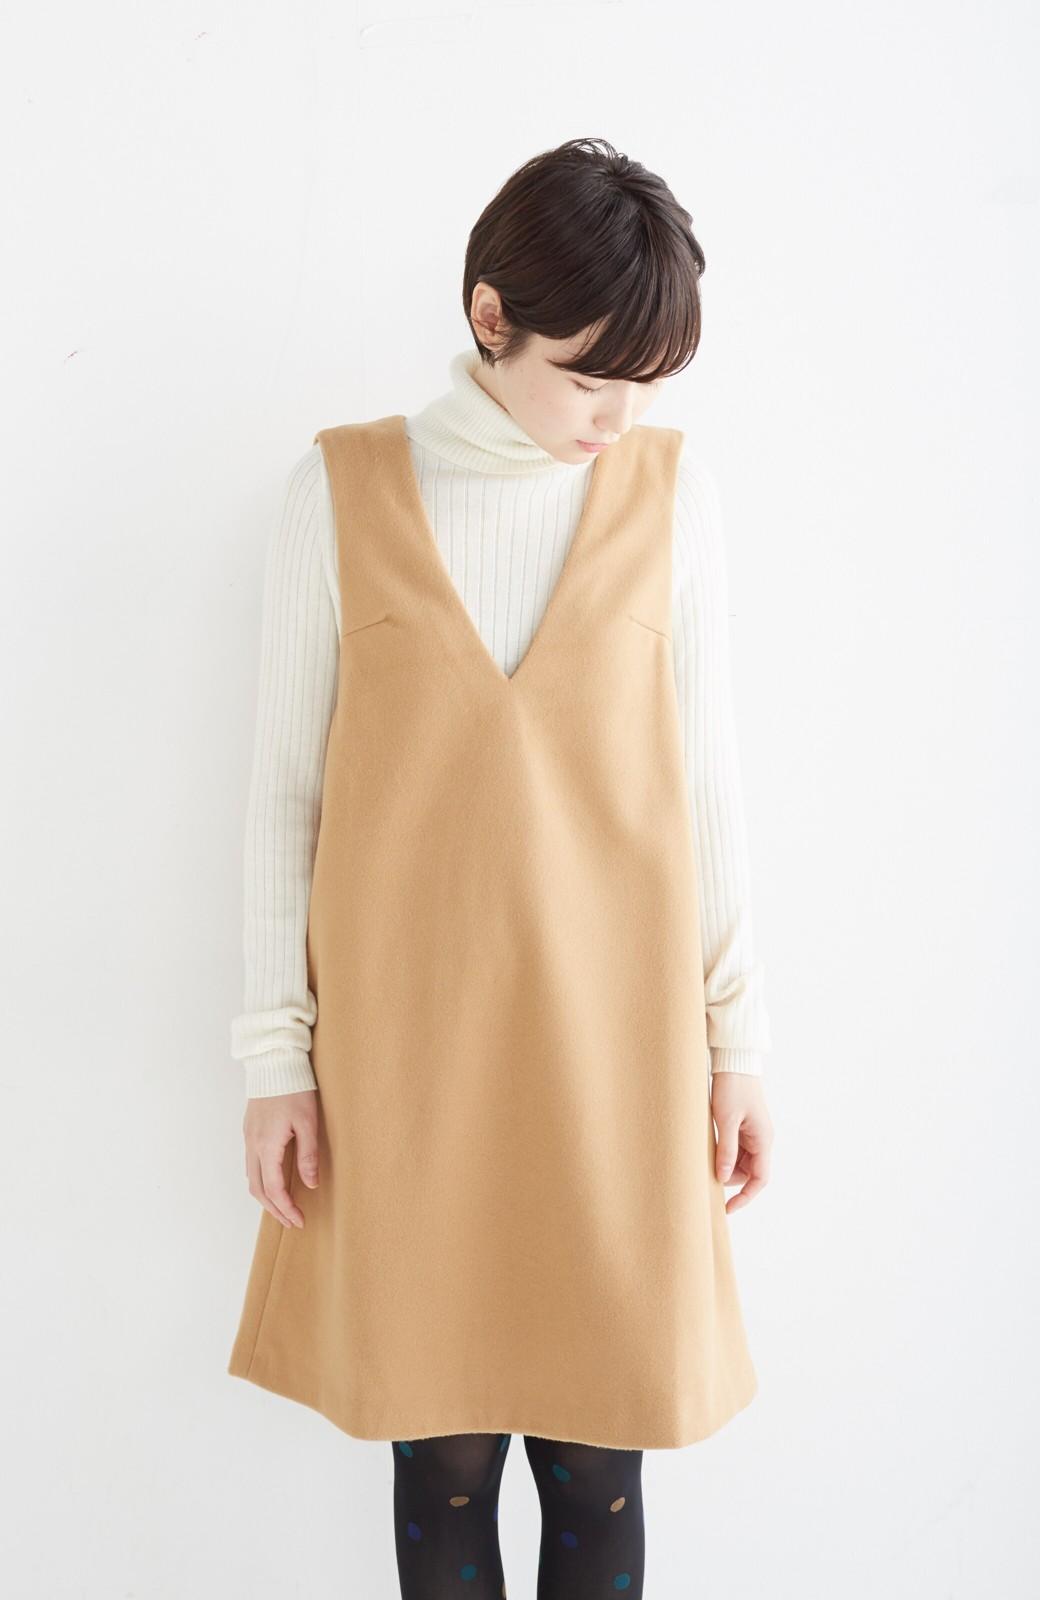 エムトロワ 大人レディーライクジャンパースカート <キャメル>の商品写真17